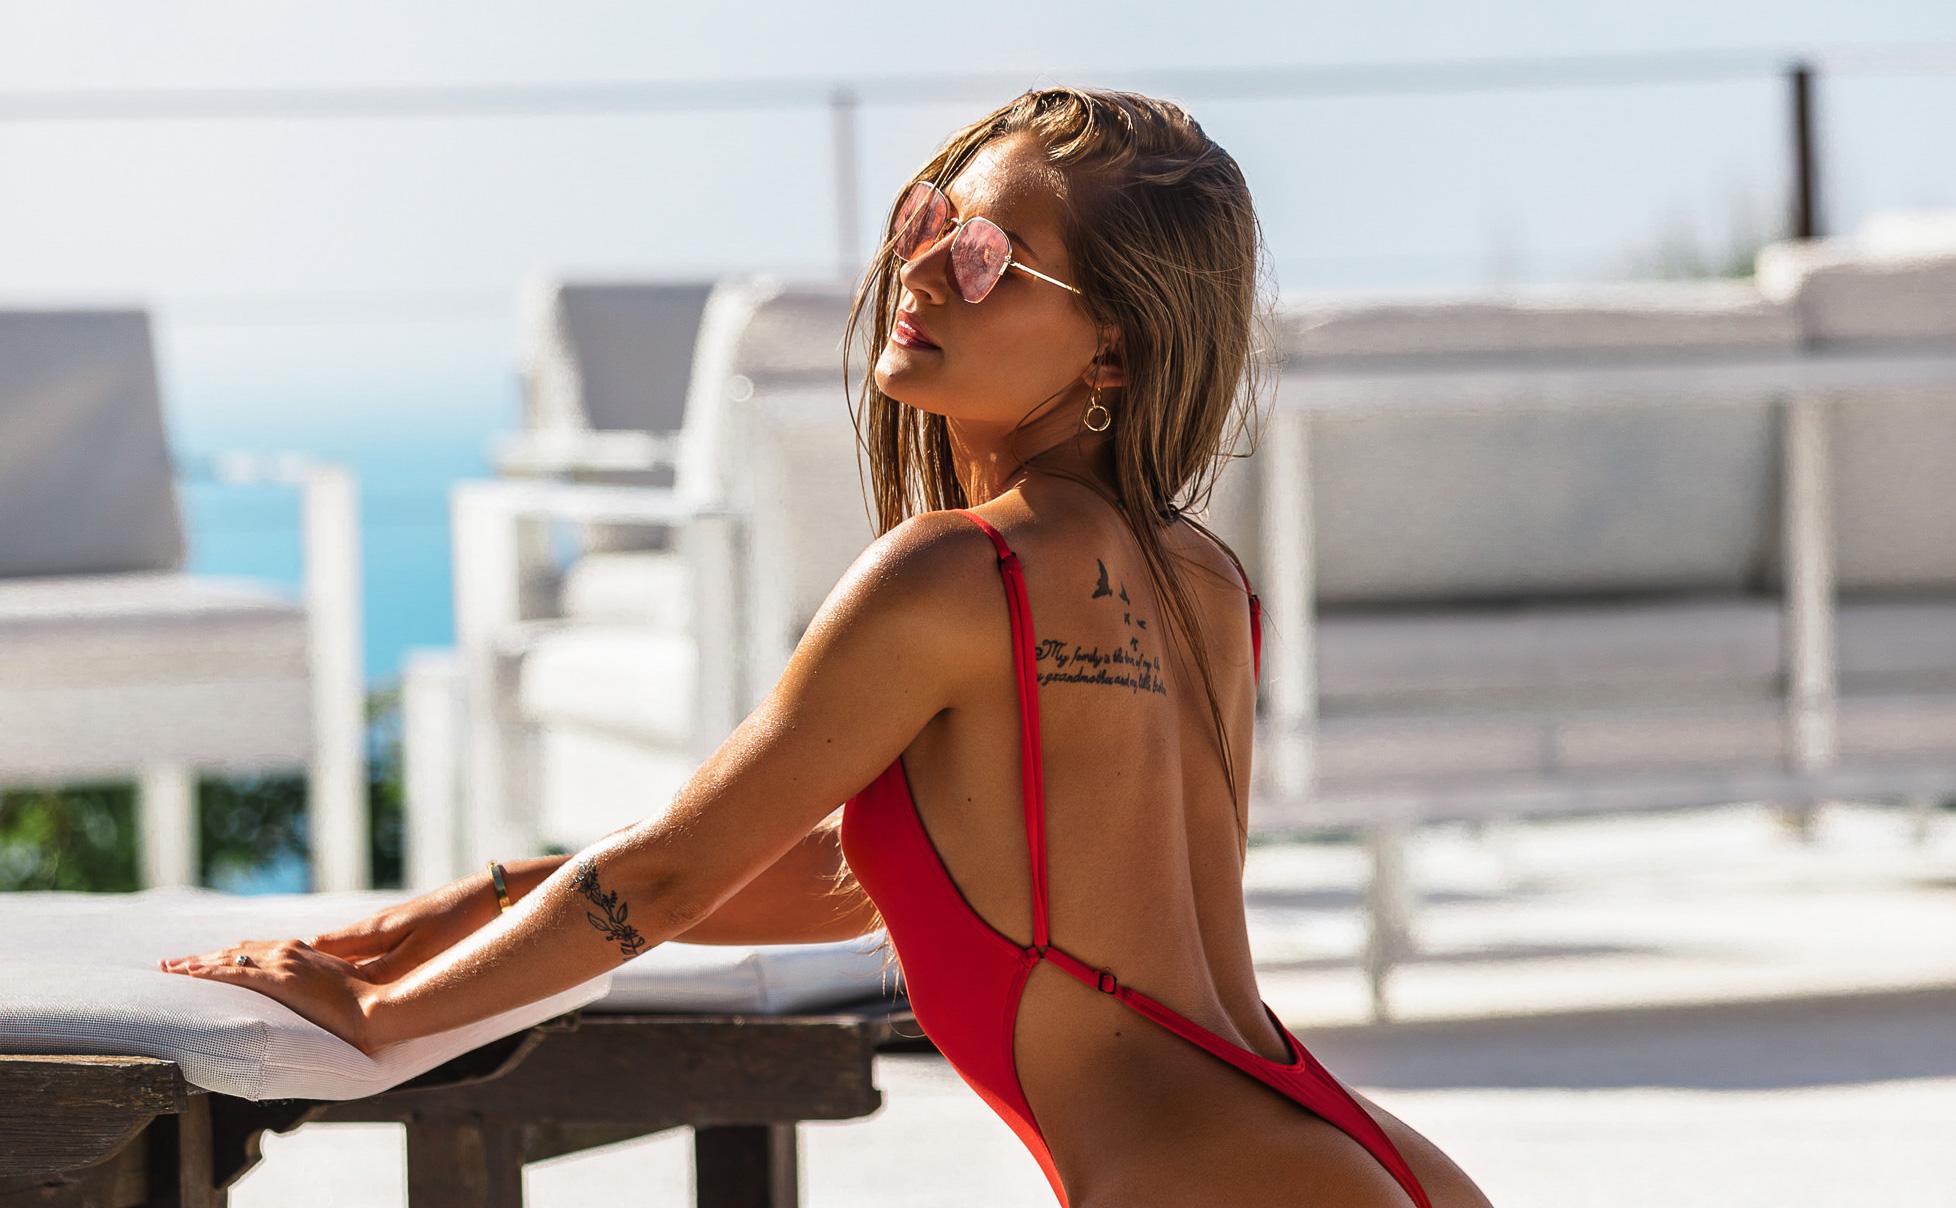 Wallpaper  Tiffany Tatum, Model, Pornstar, Actress, Women -7055